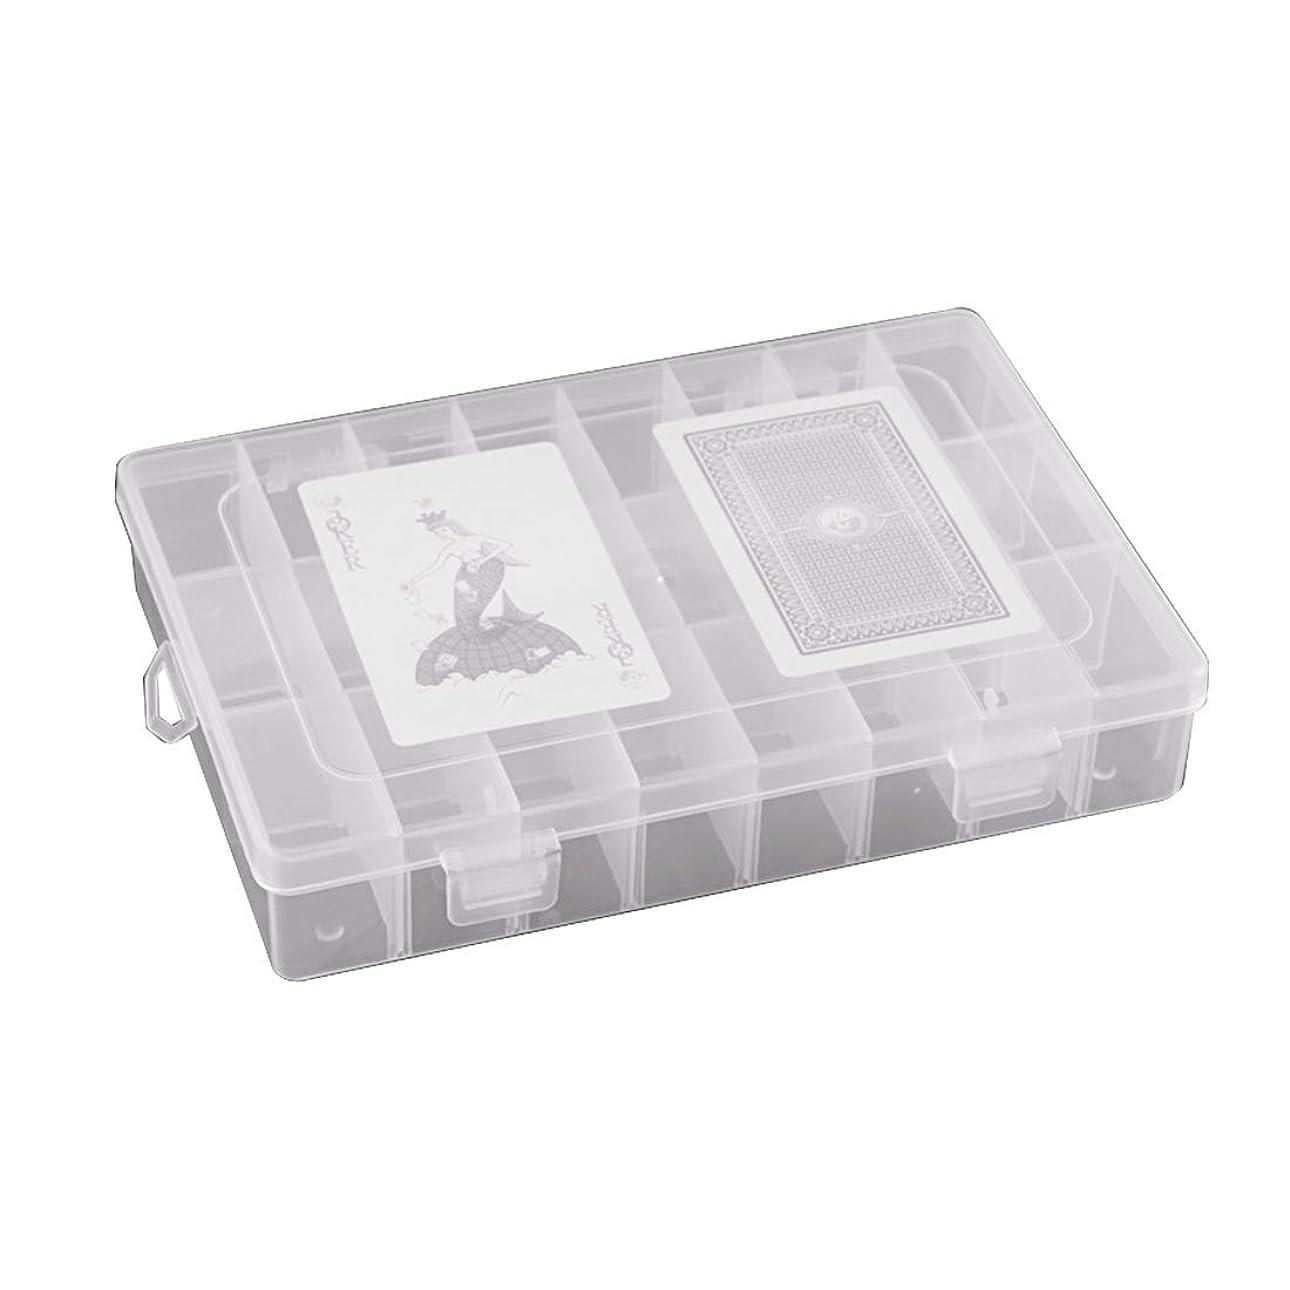 プレート呼び起こす行くcandyfouse収納ボックス 透明 プラスチック コンパートメント 調節可能 15/24格子